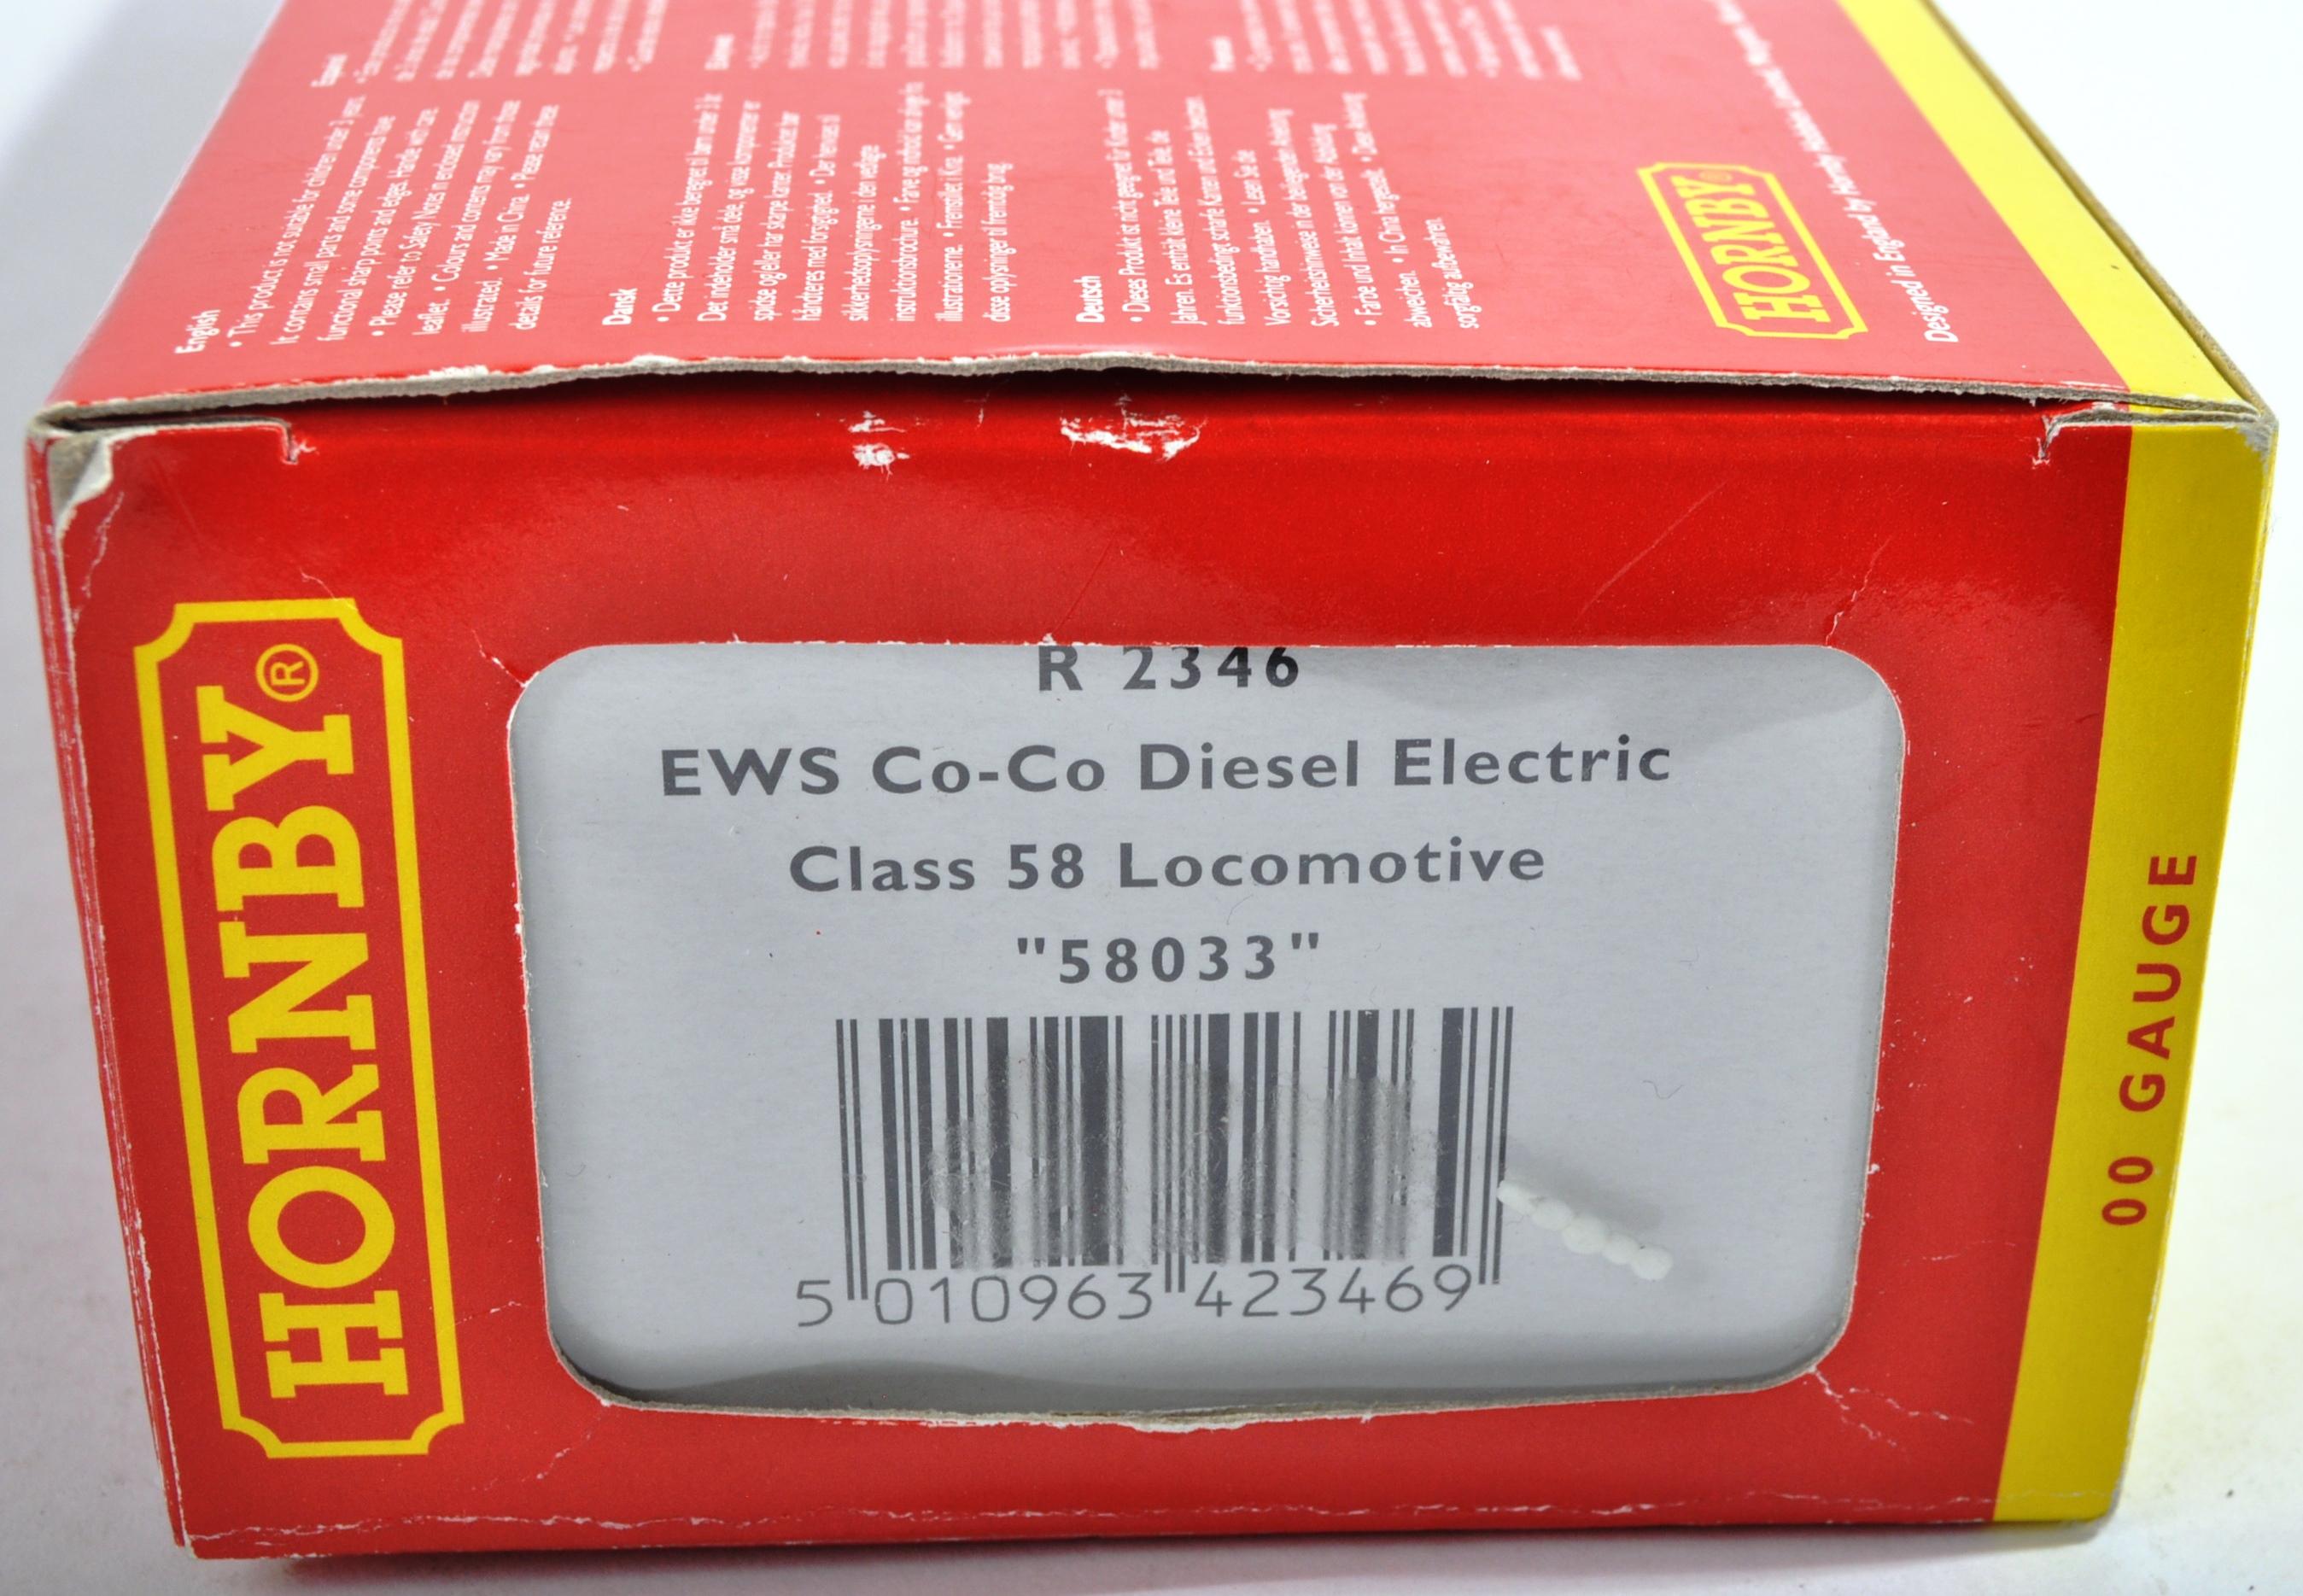 ORIGINAL HORNBY 00 GAUGE MODEL RAILWAY DIESEL ELECTRIC LOCO - Image 4 of 4